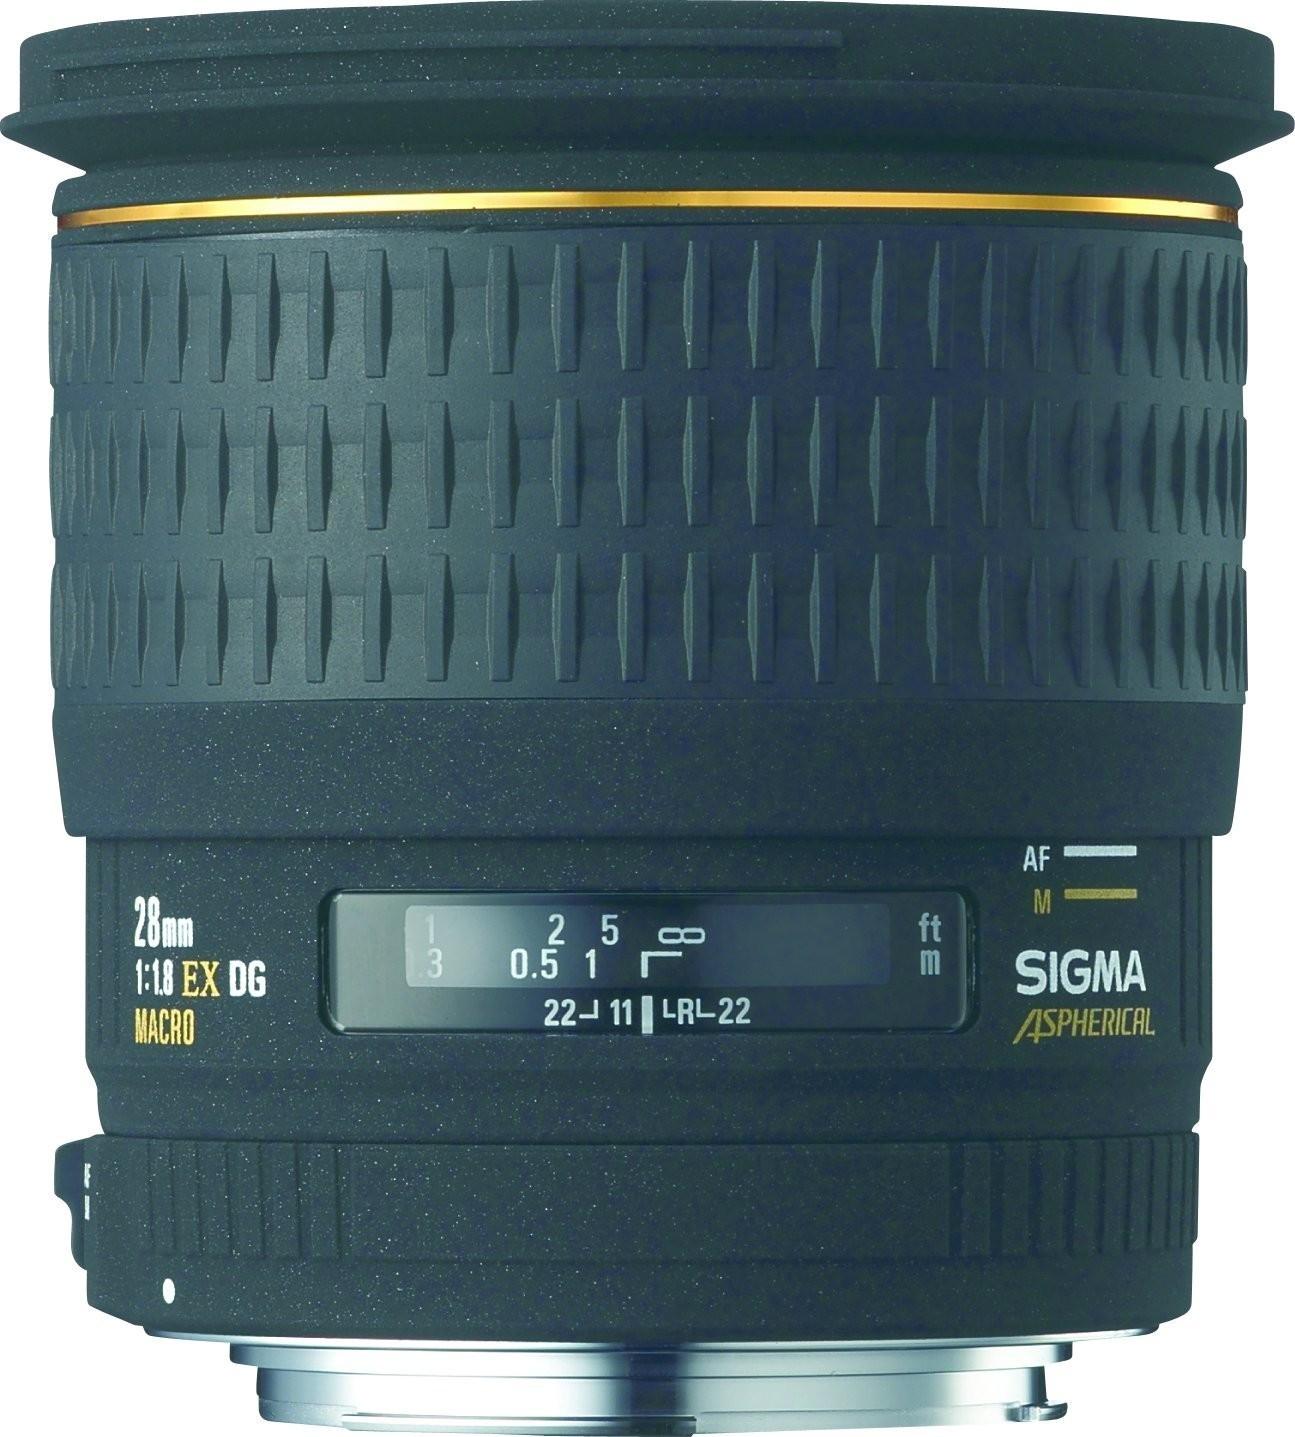 Sigma 28mm f1.8 EX DG Makro